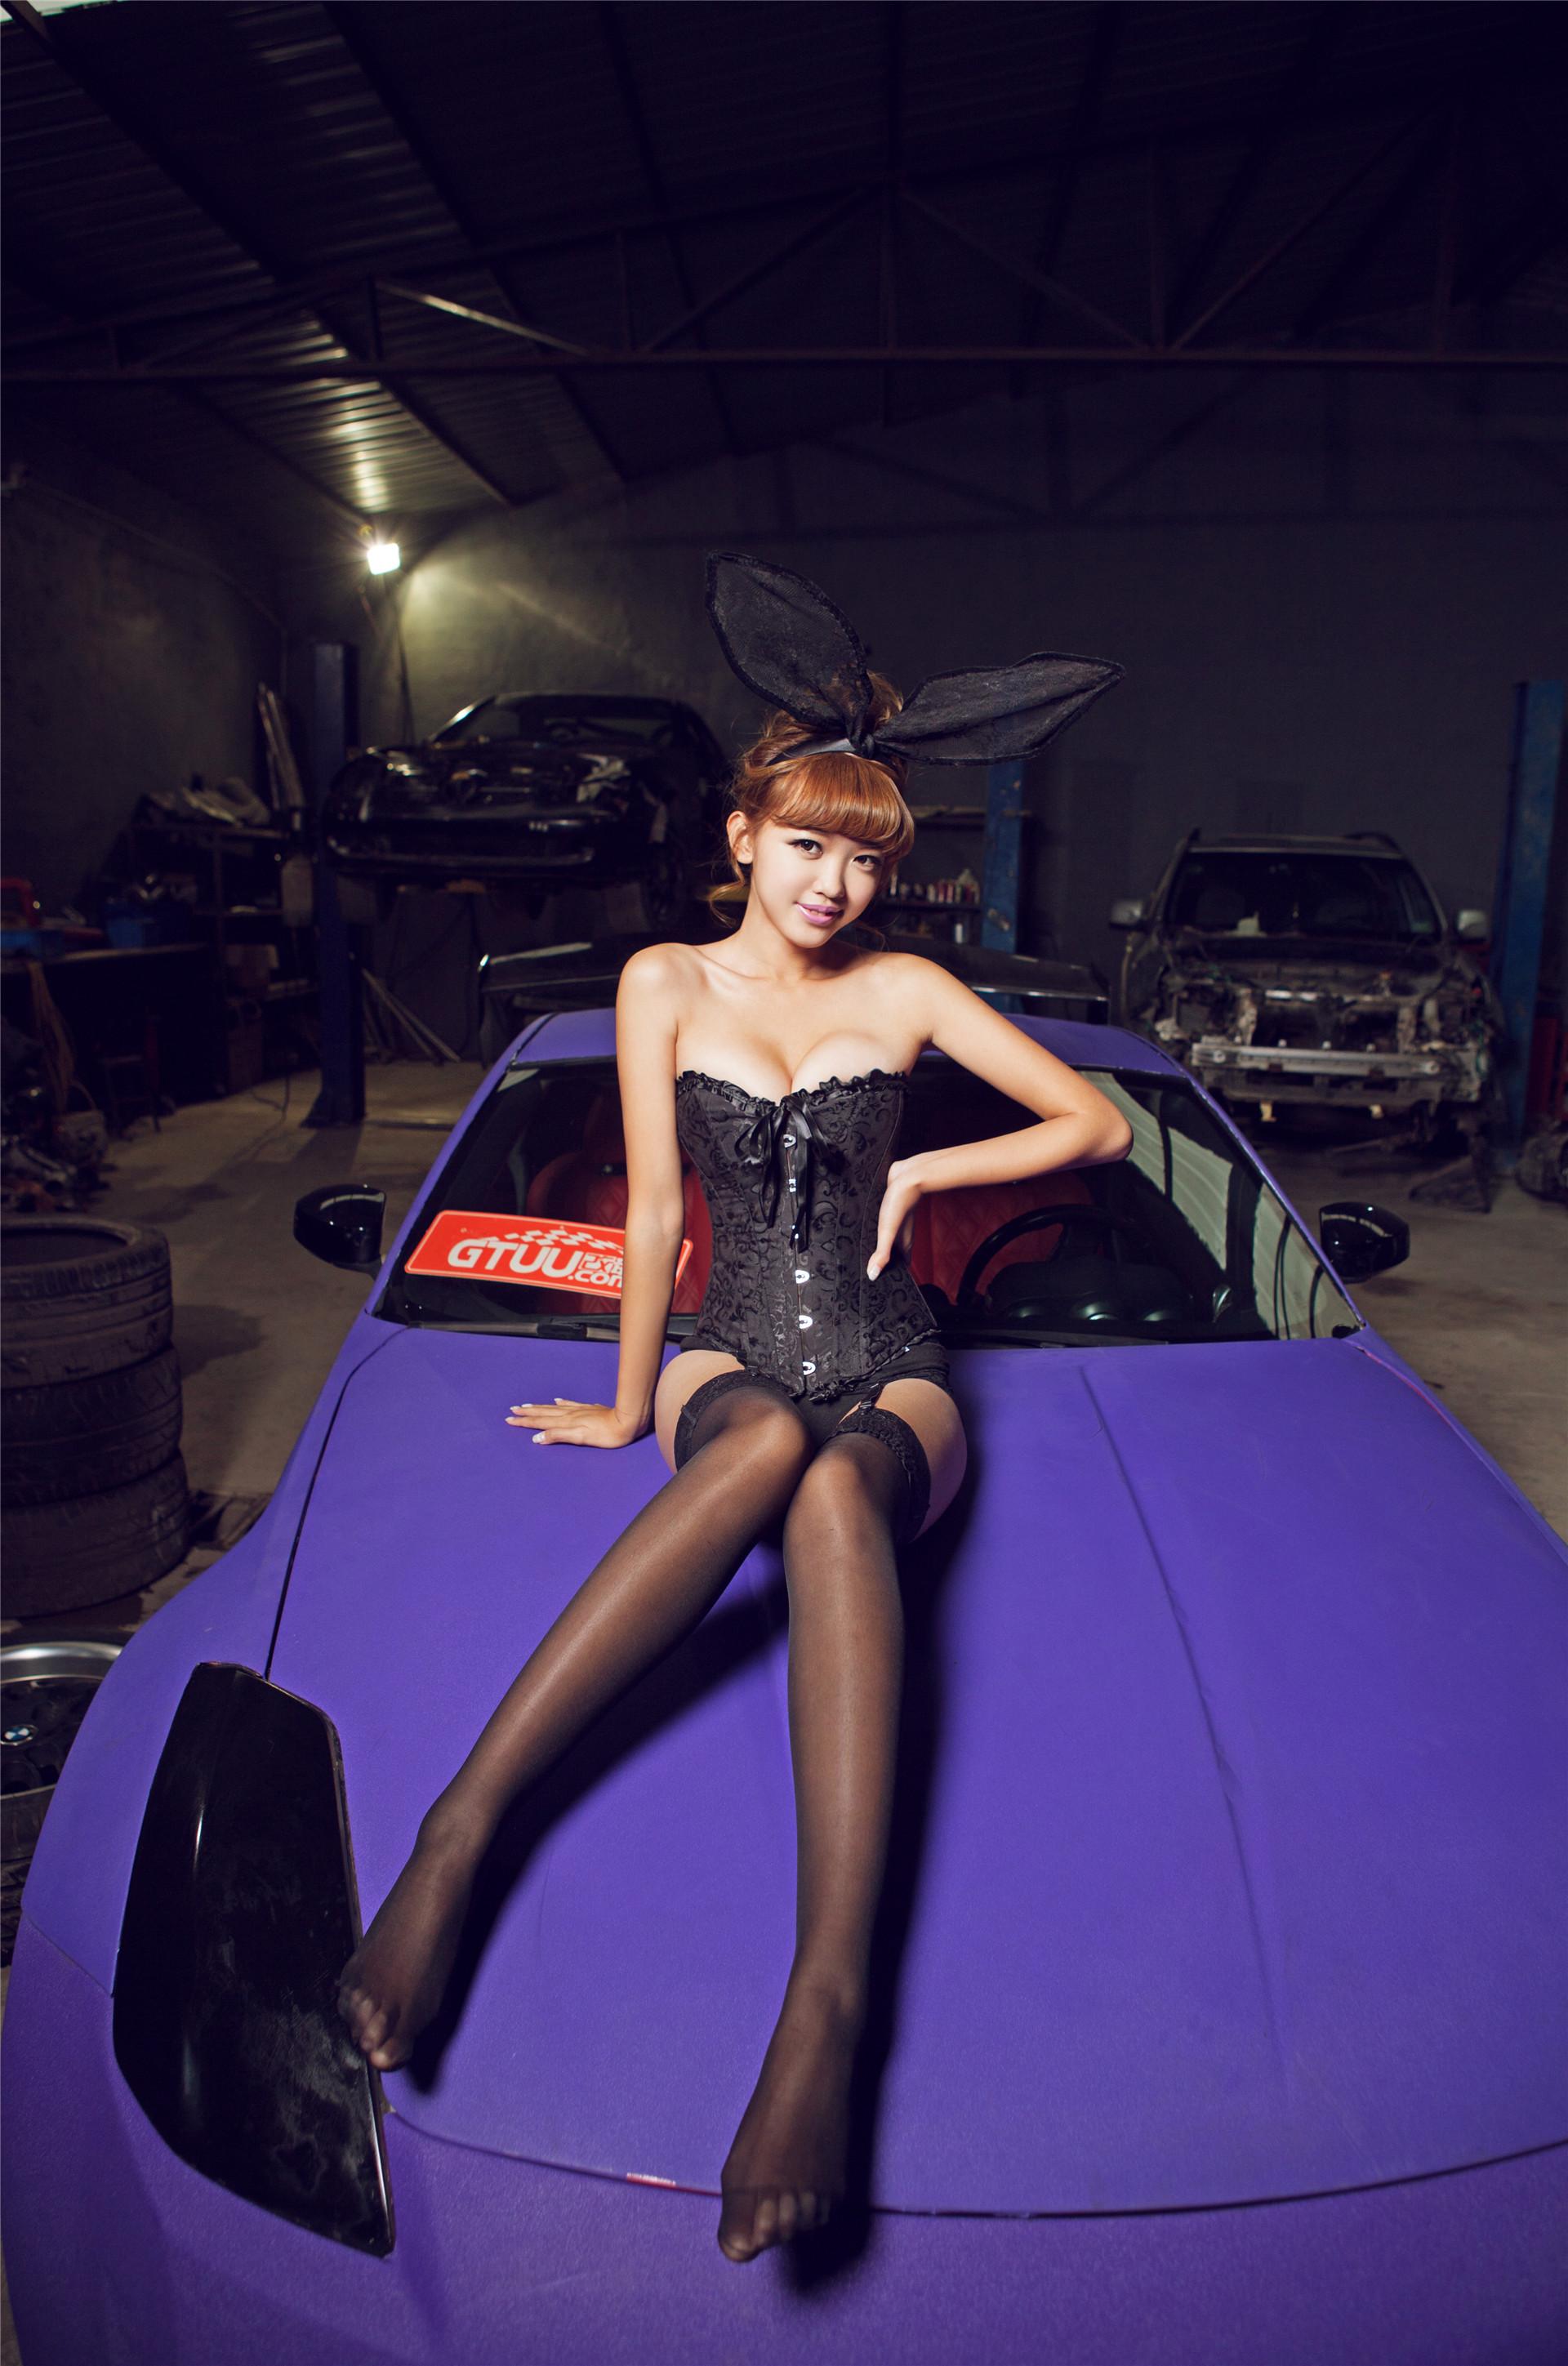 其身着极具诱惑力的兔女郎装扮,微微凸显的傲乳,性感的黑色丝袜,诱惑